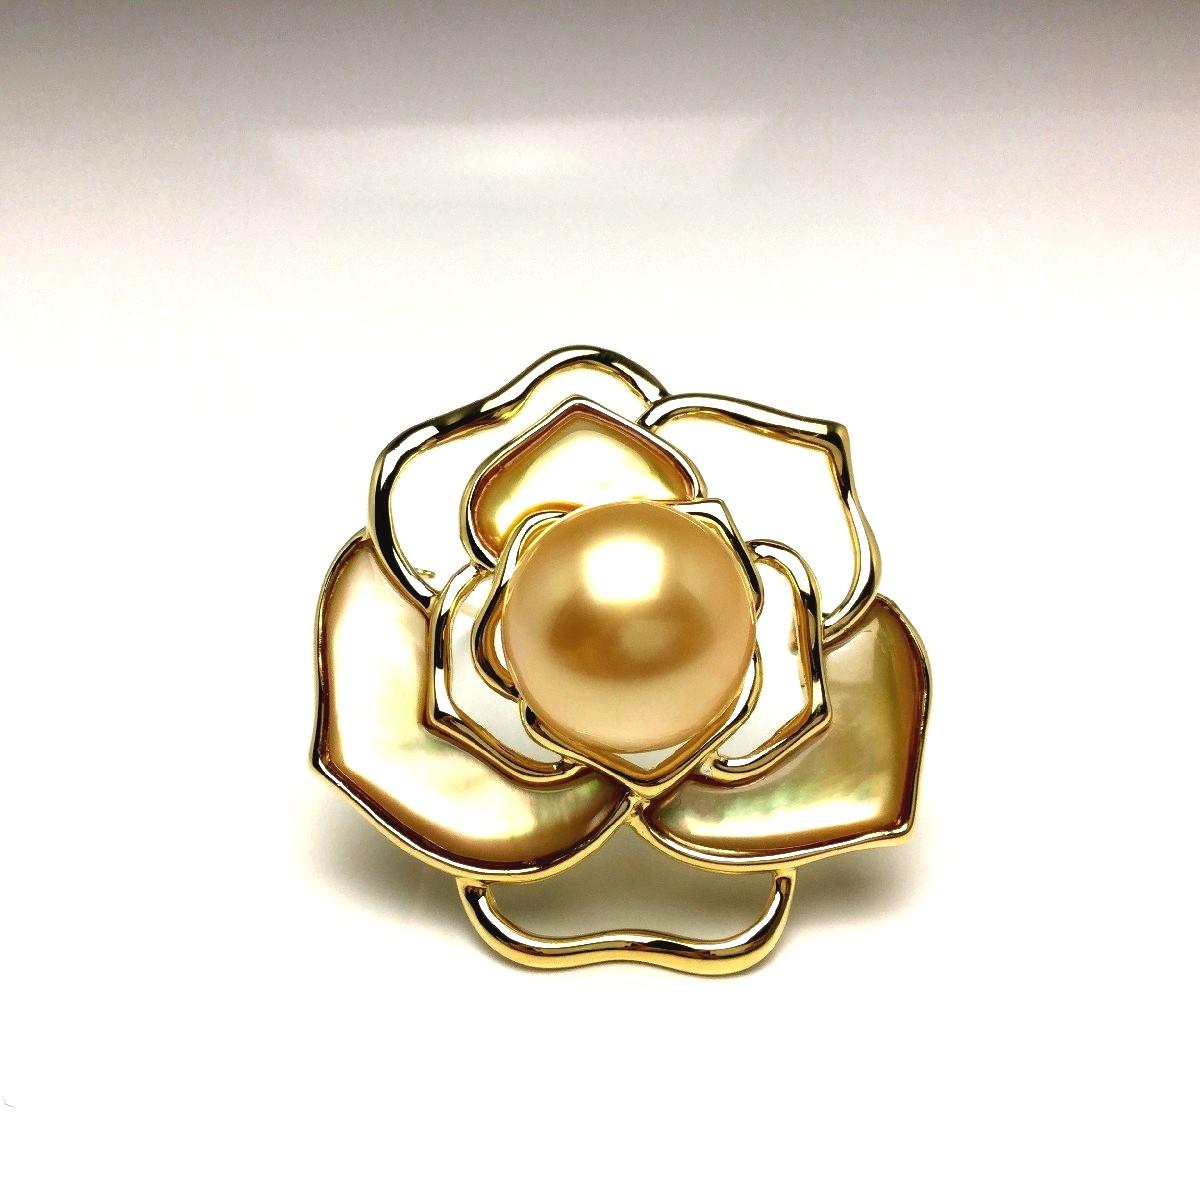 真珠 ブローチ パール 白蝶真珠 13.7mm ゴールド(ナチュラル) シルバー シェル 植物 フラワー 66613 イソワパール